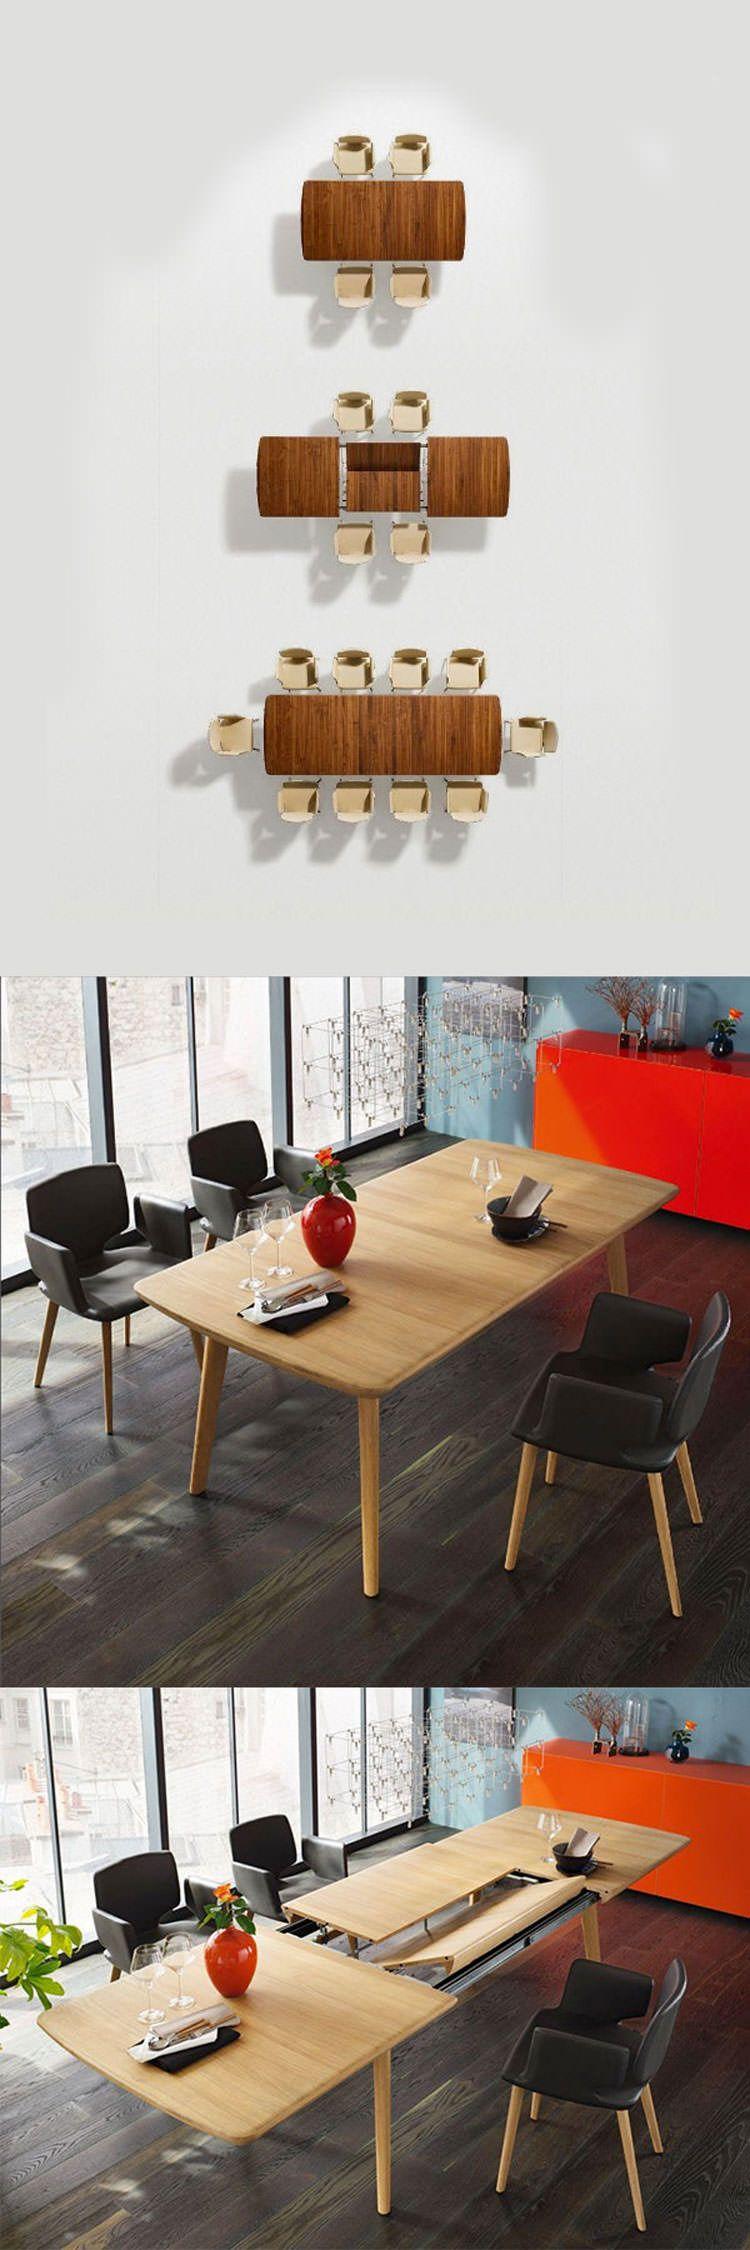 35 Tavoli Allungabili Moderni dal Design Particolare ...